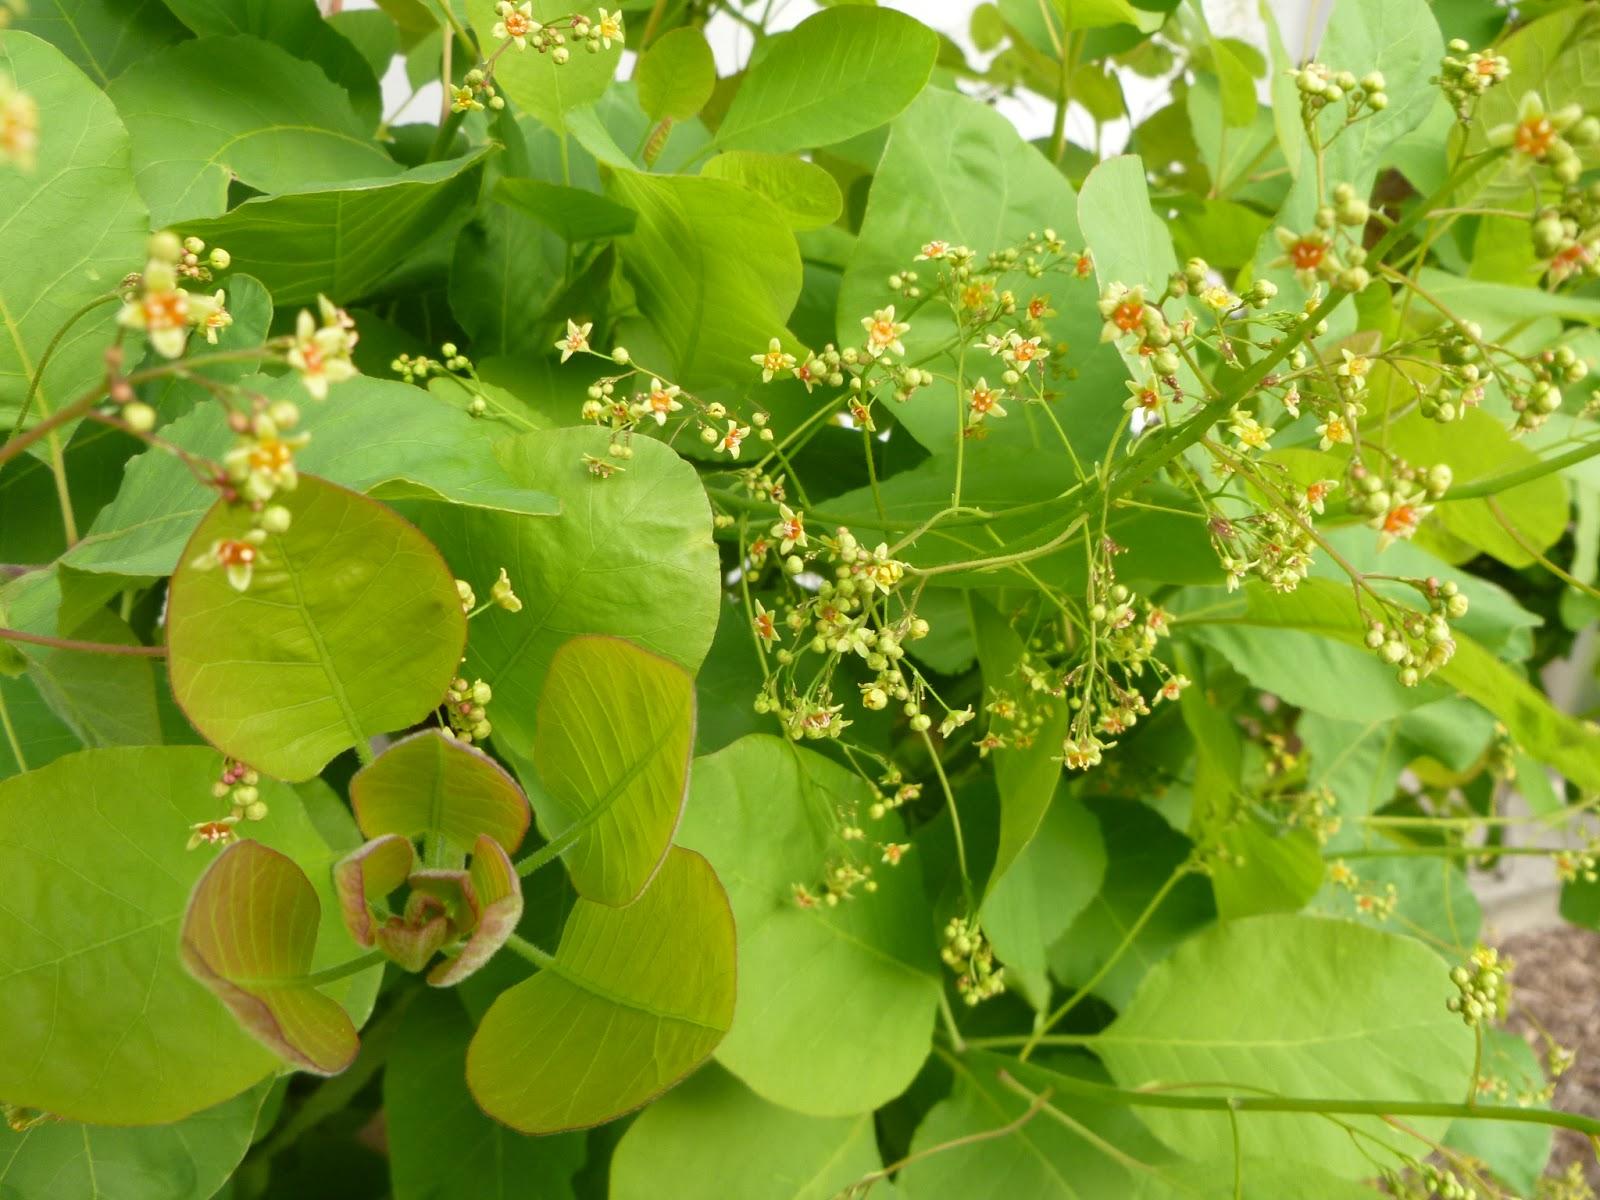 Pflanzen Blüten Blätter Sträucher Bäume Moose Pilze